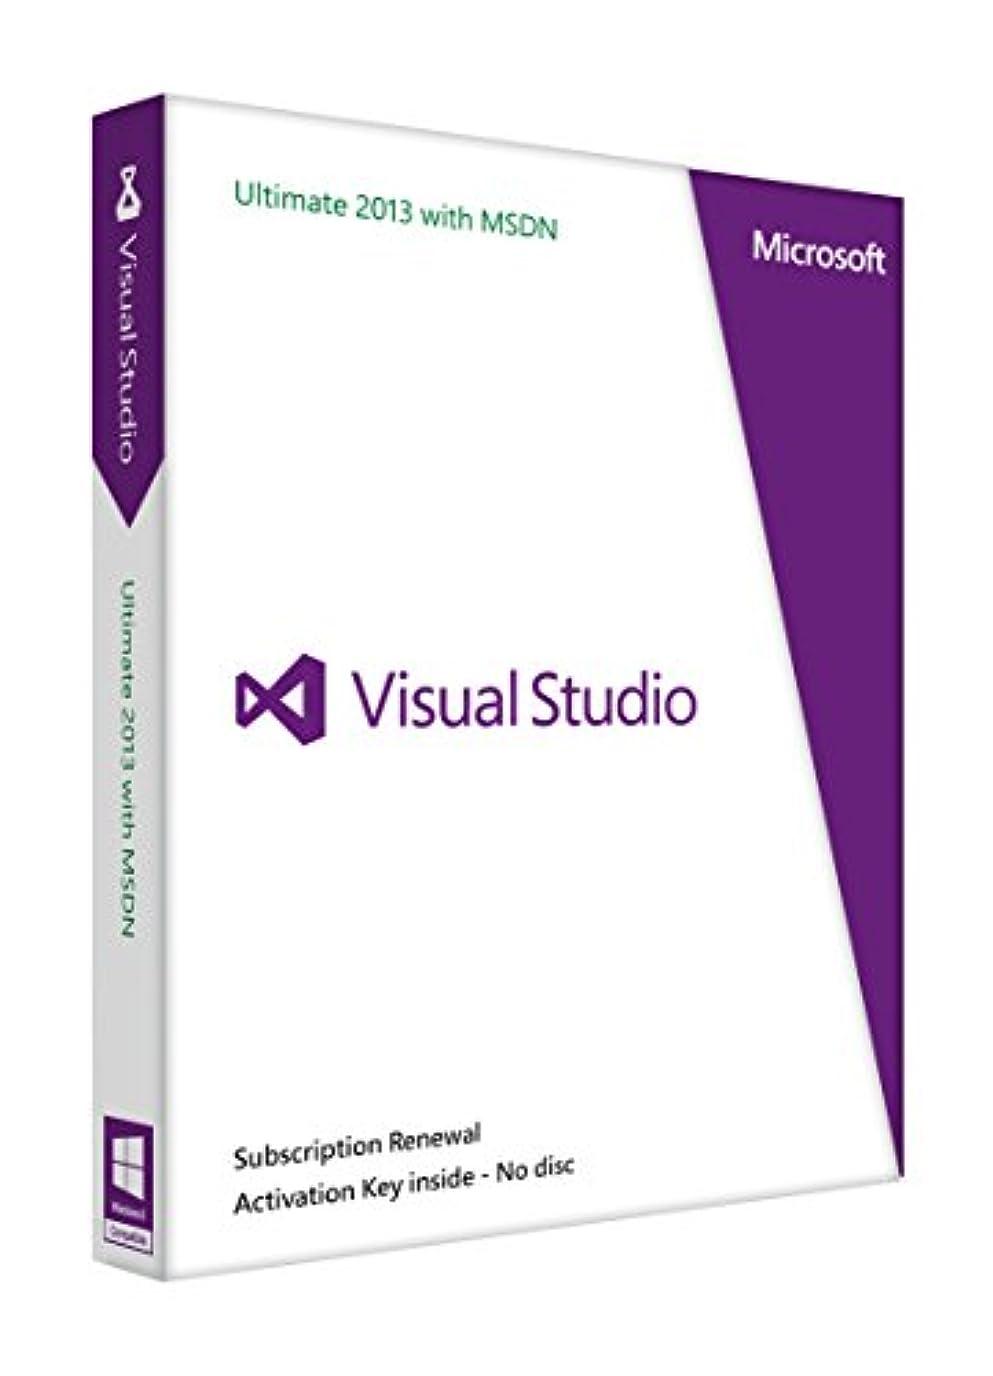 何かフクロウ鷹Microsoft Visual Studio Ultimate 2013 with MSDN英語|更新版